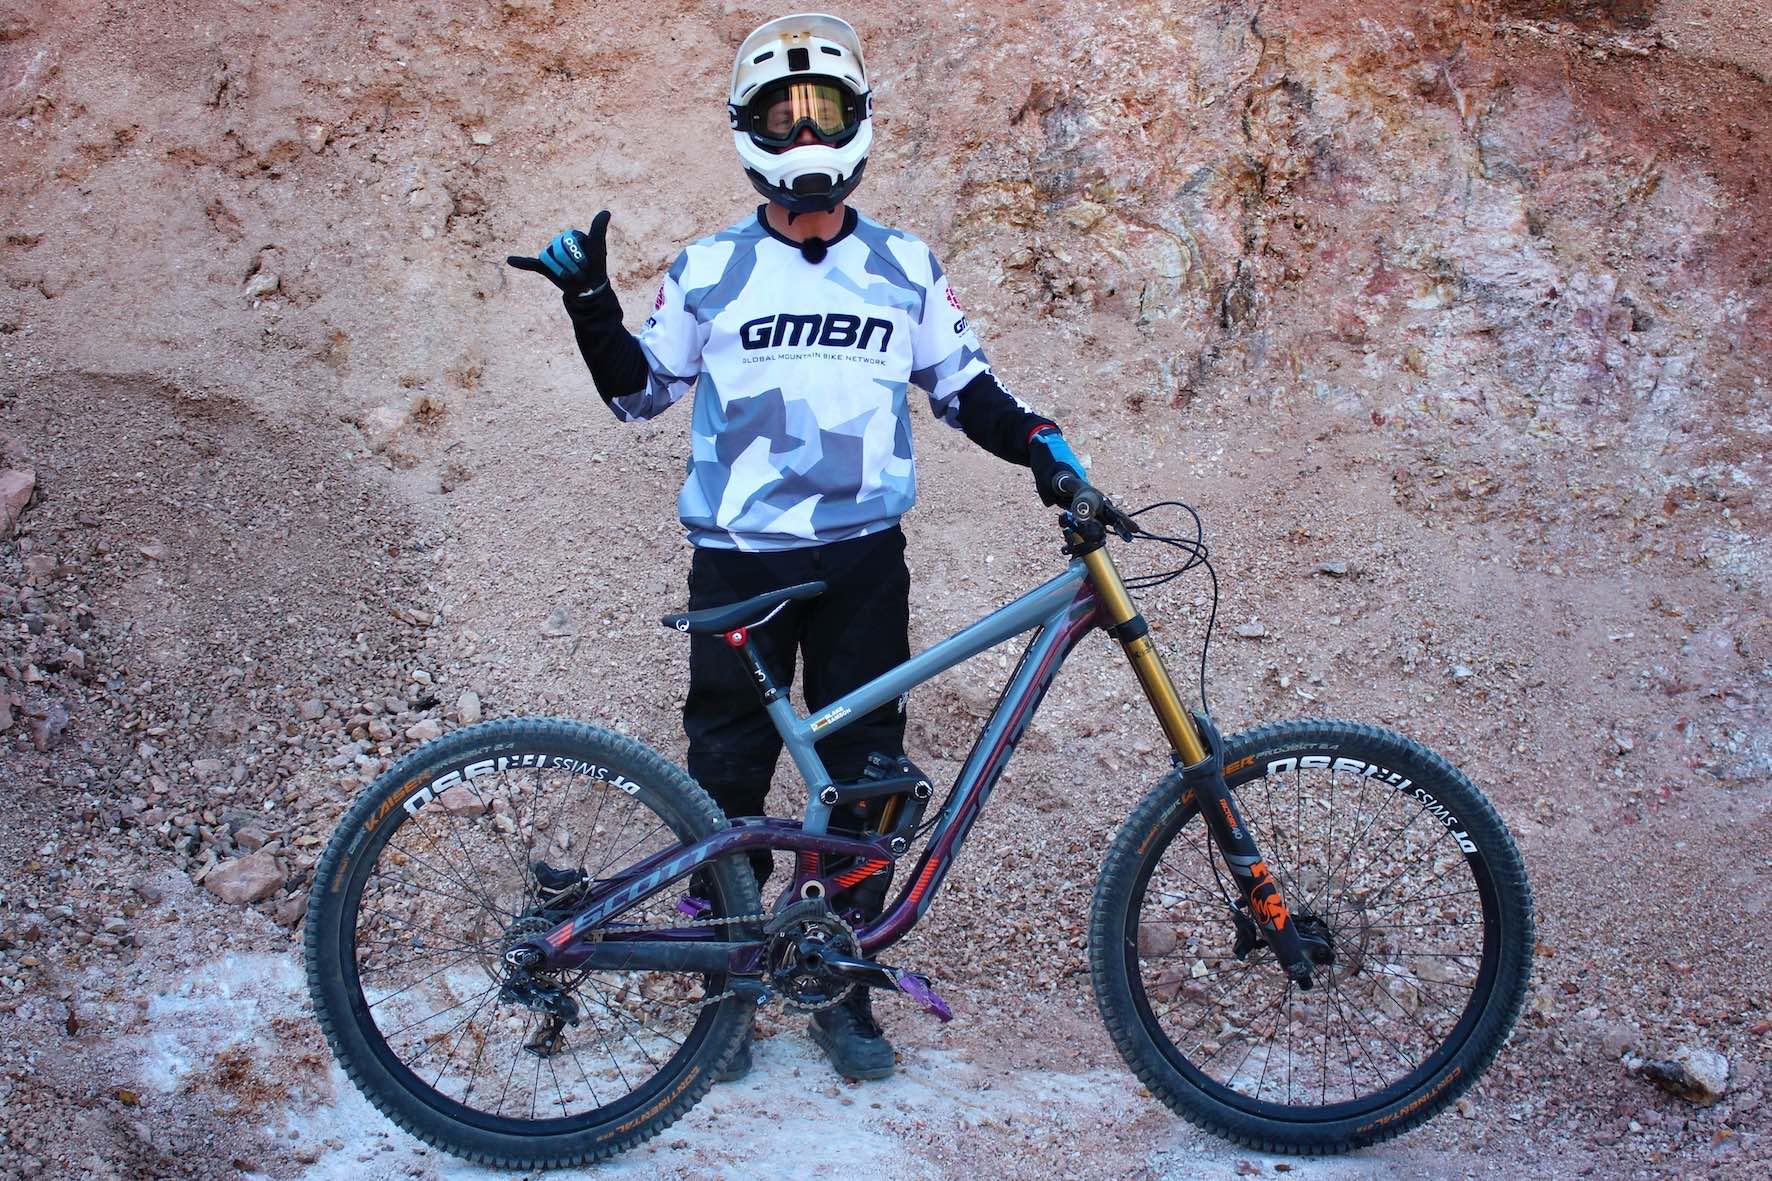 Blake Samson and his Downhill MTB rid at Audi Nines